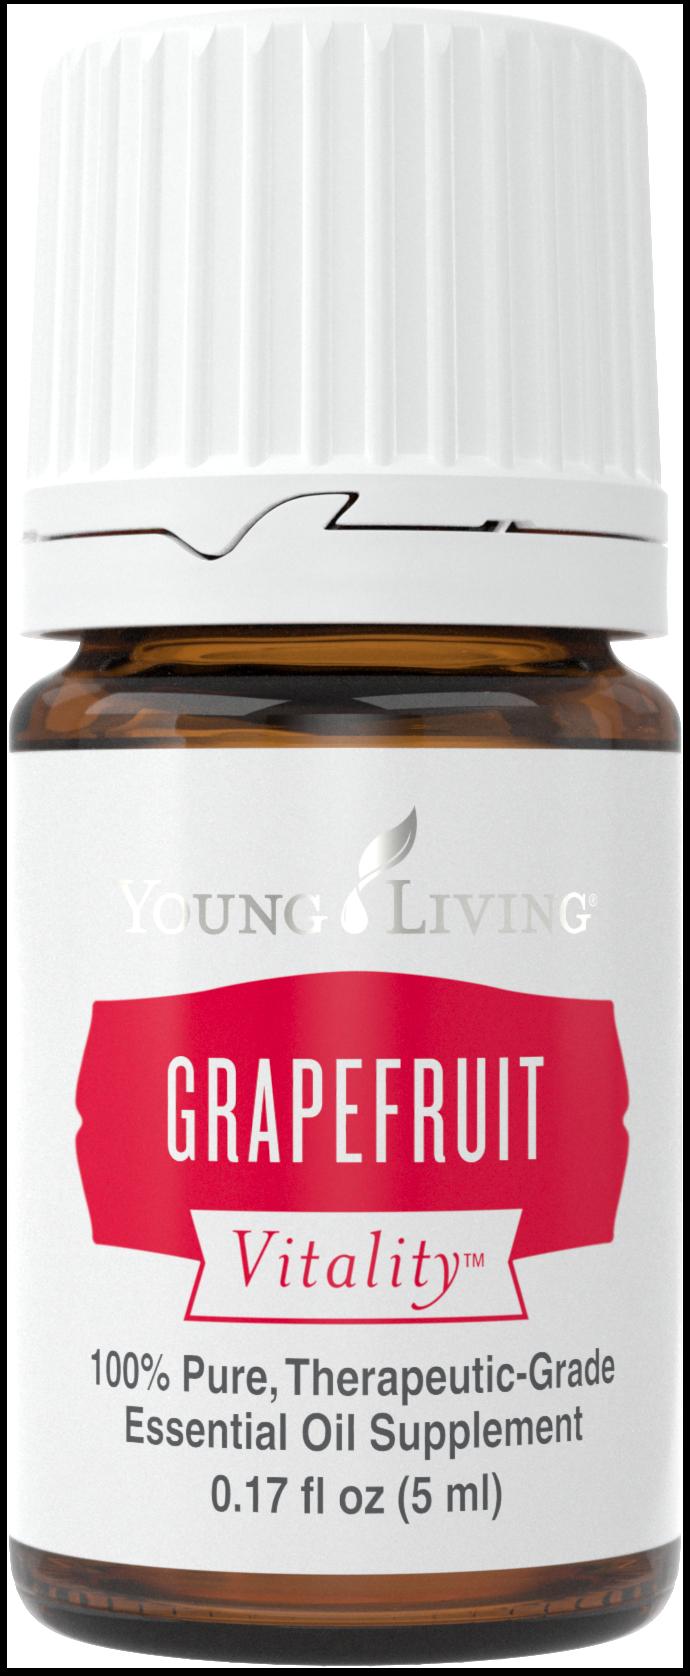 Minyak esensial Grapefruit Vitalitas